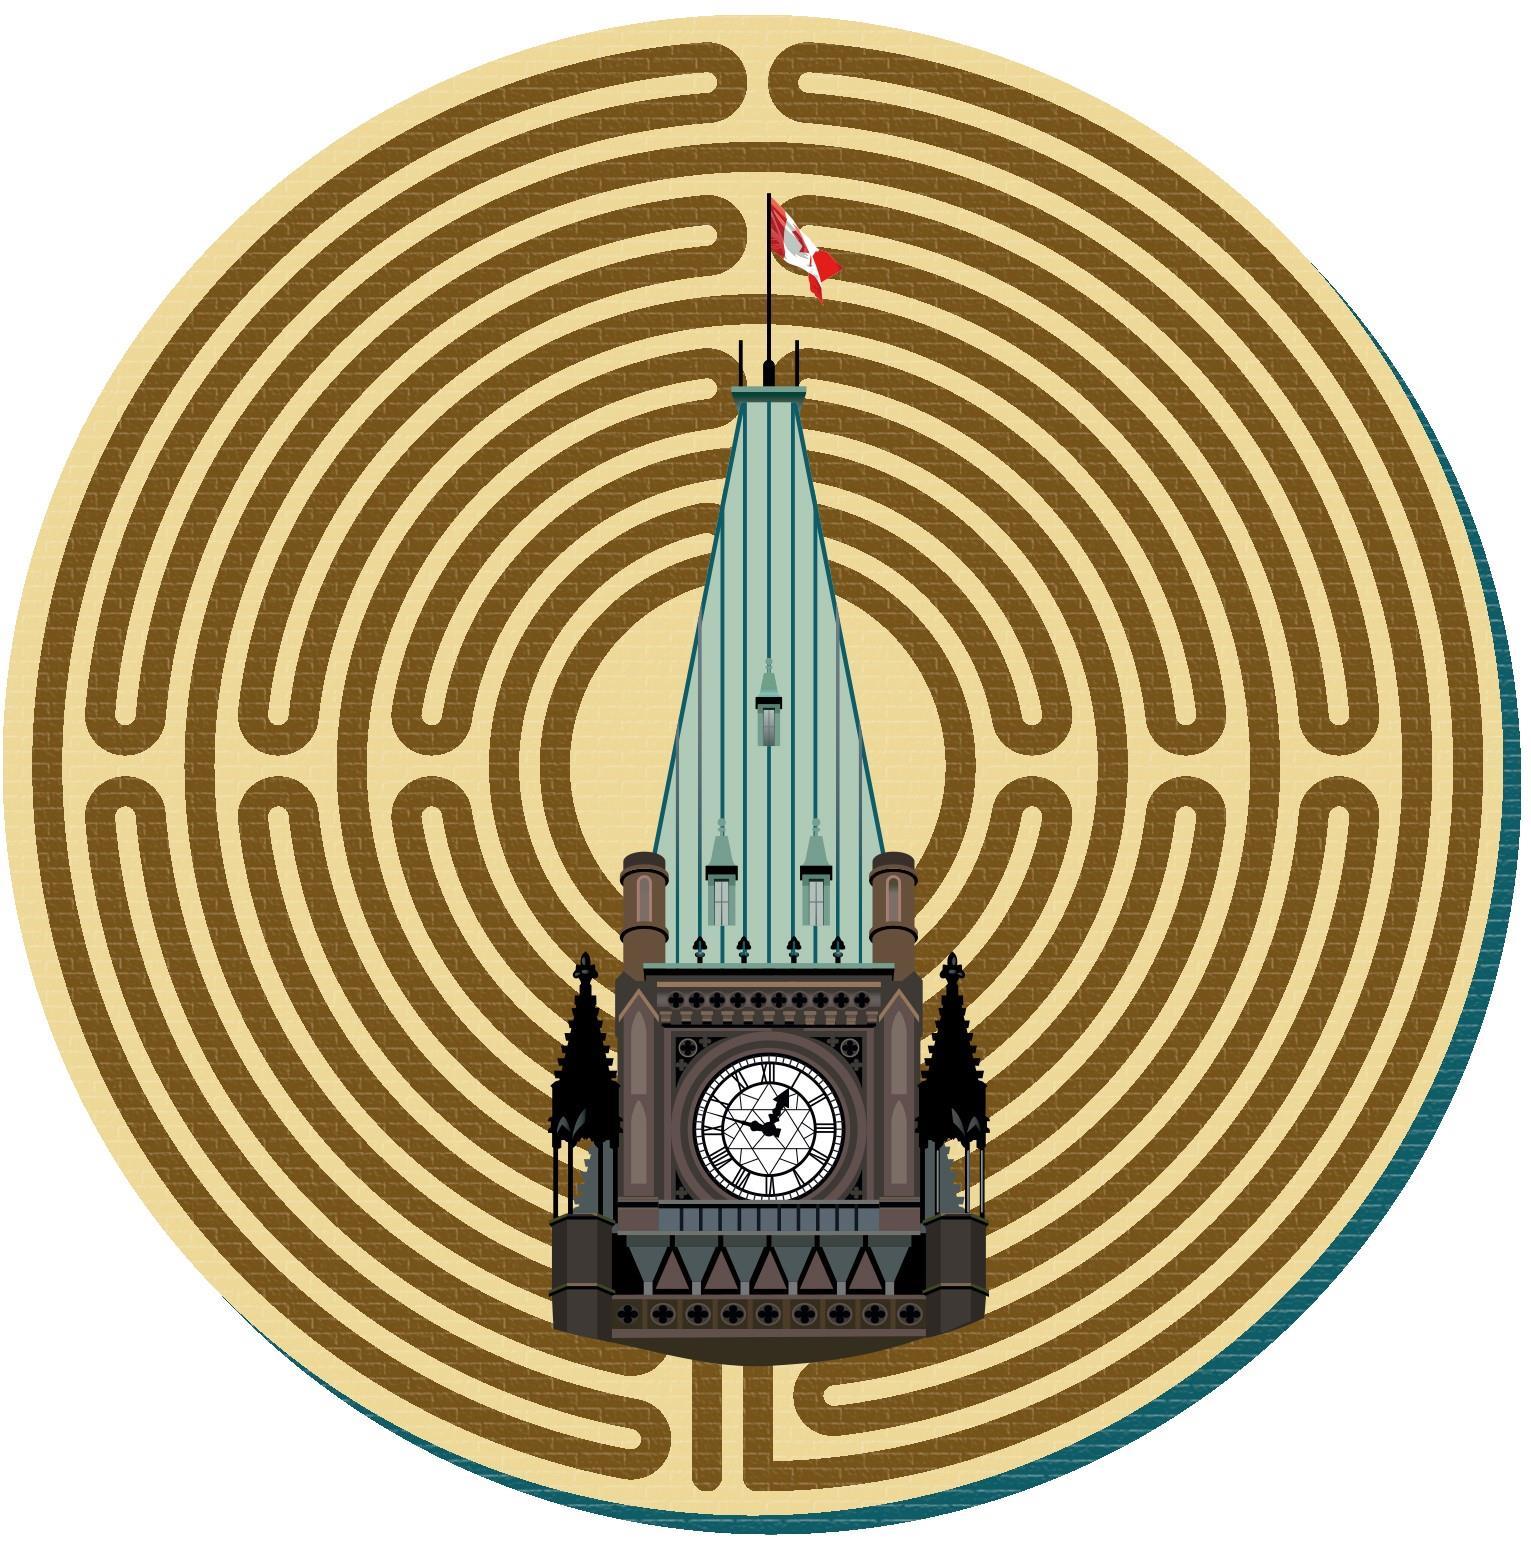 Stittsville (Ottawa) logo